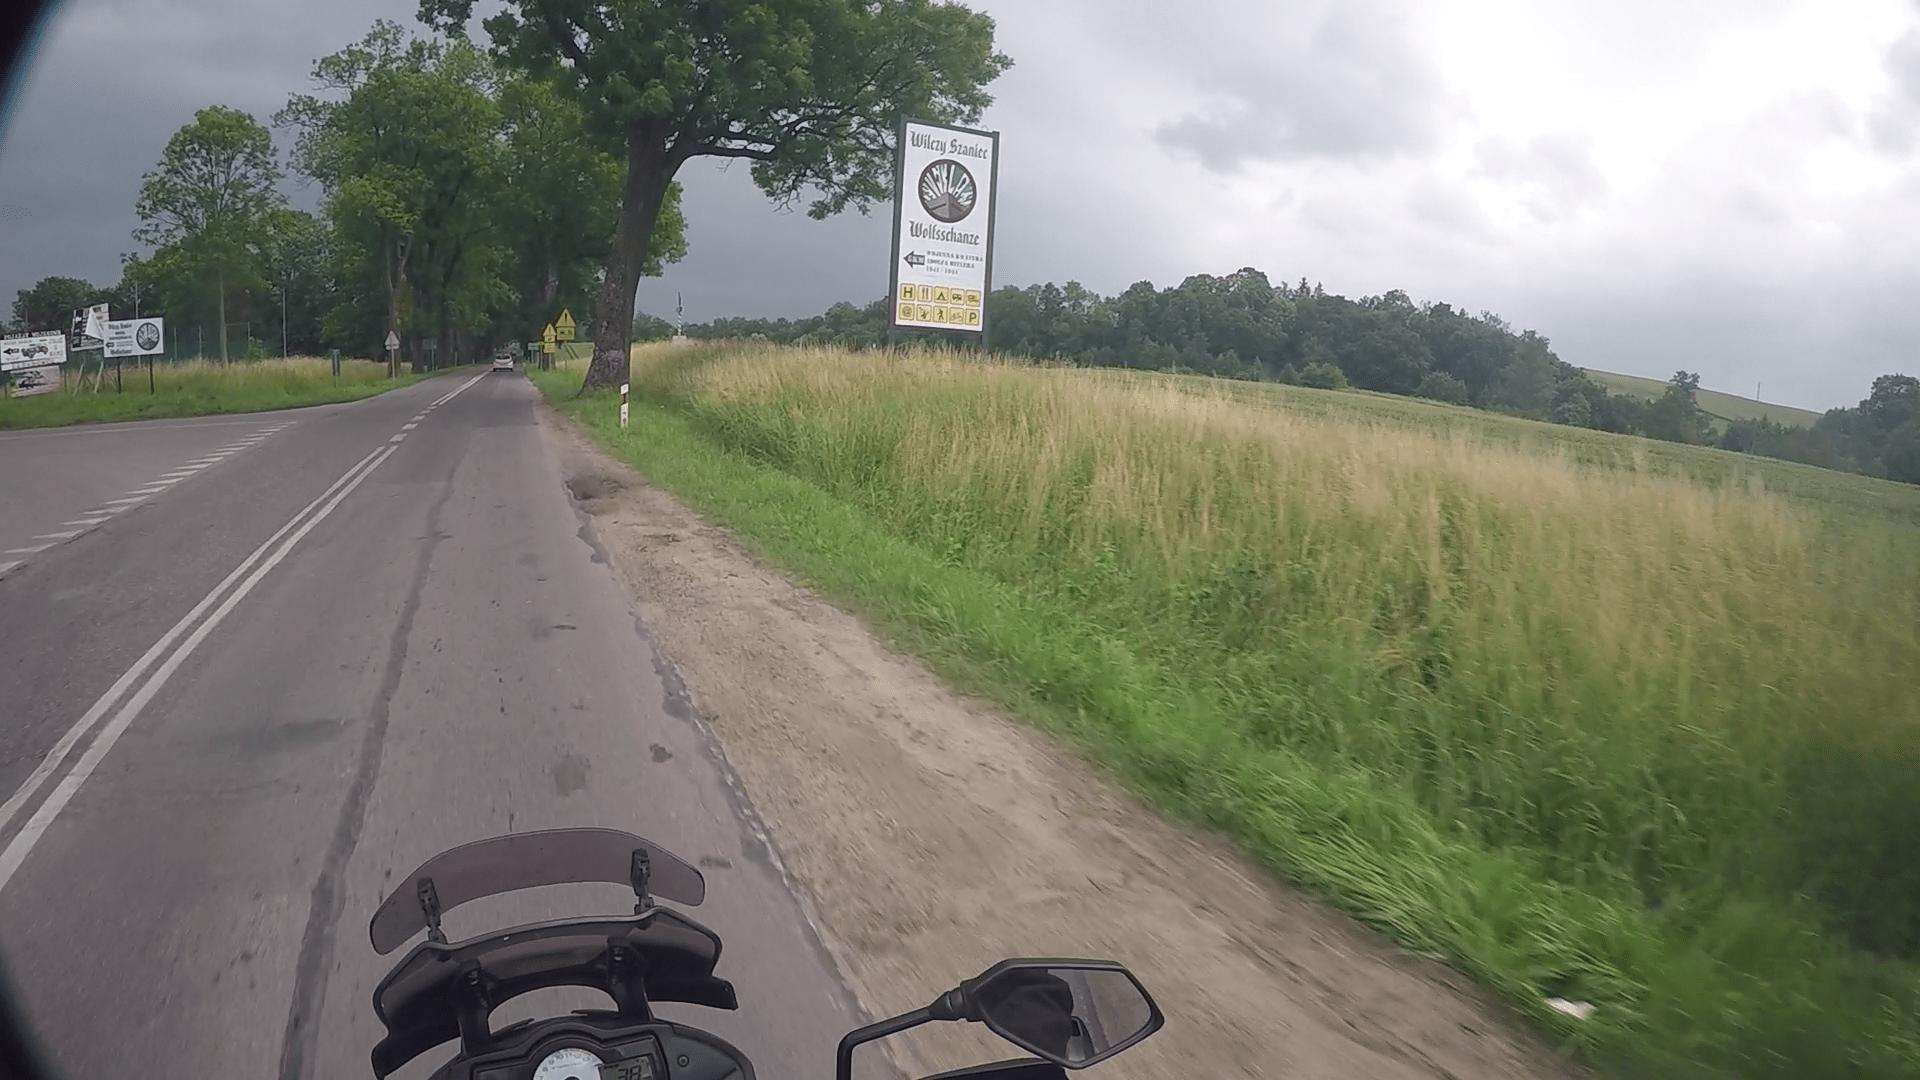 vlcsnap-2017-08-14-21h14m02s466